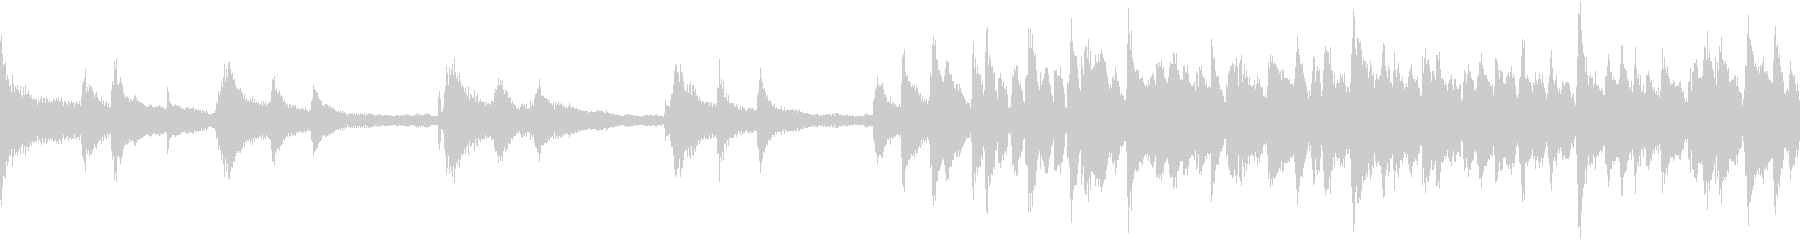 シンプルで美しいウケレの歌、フレン...の未再生の波形